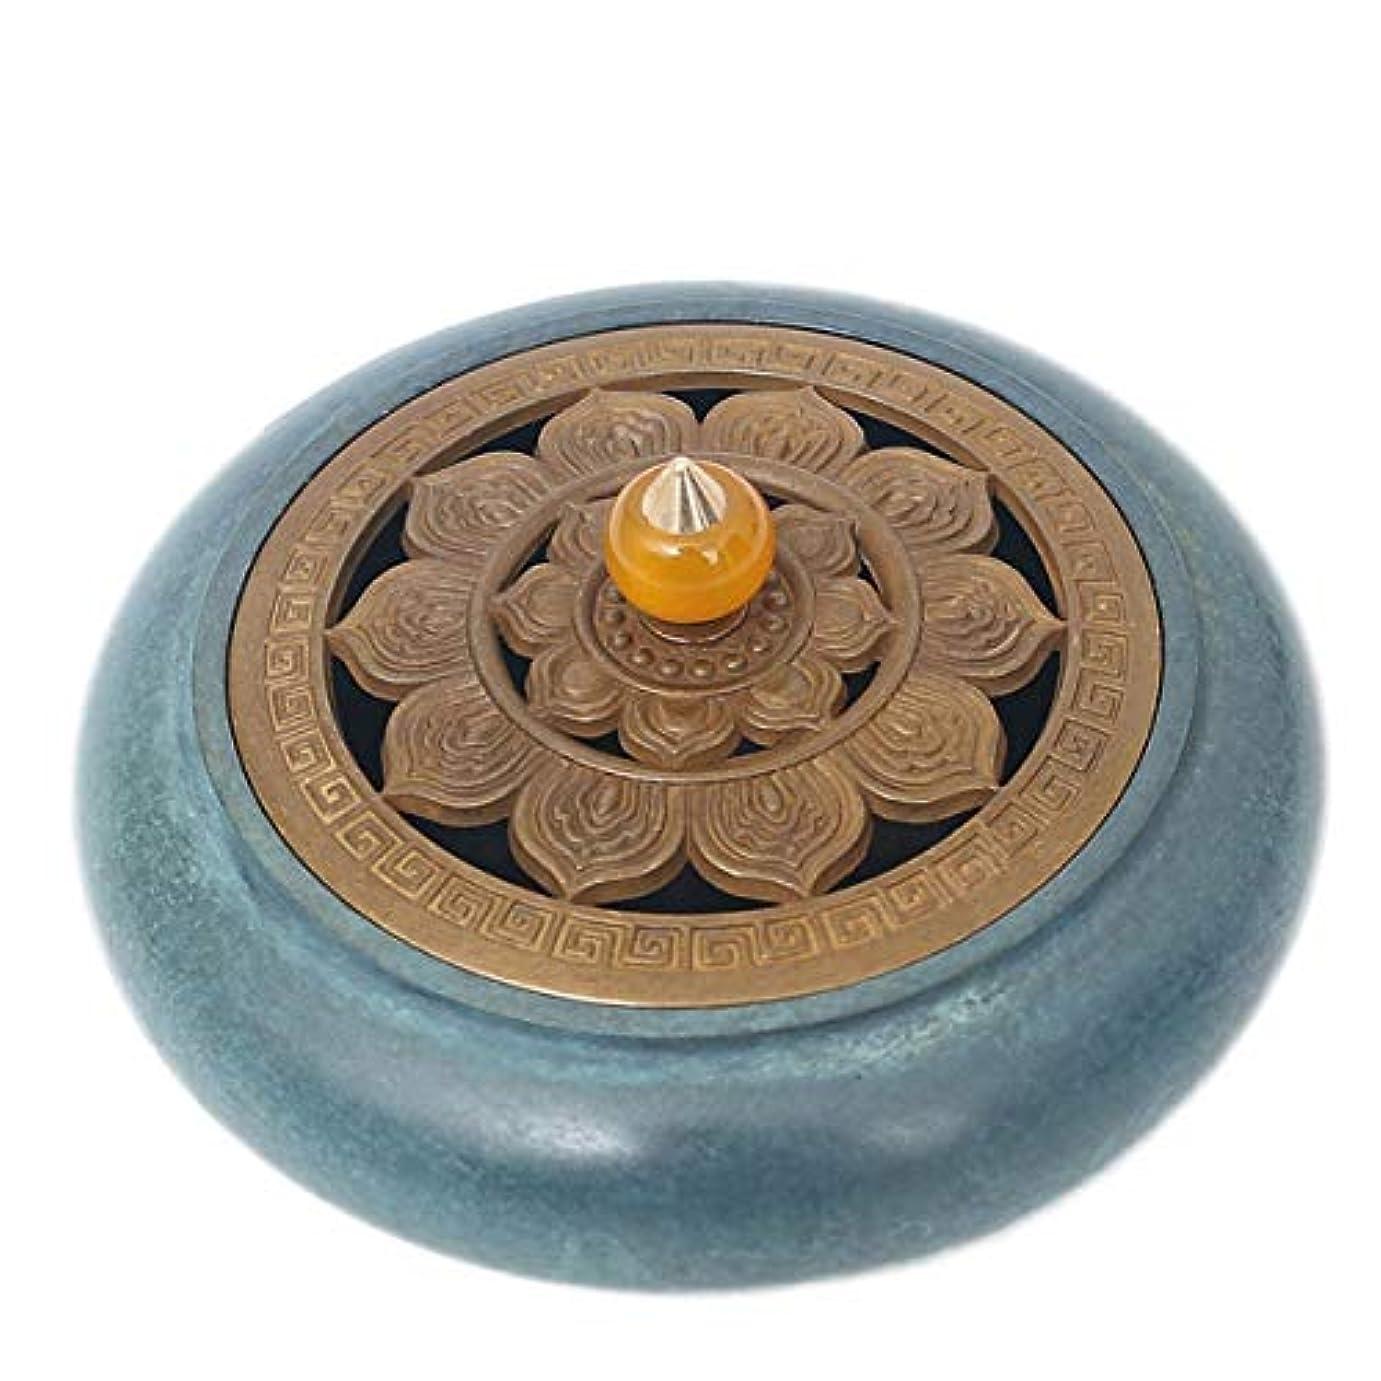 コーン香バーナーと真鍮香スティックホルダー-中国銅装飾炭香炉-銅香灰キャッチャートレイボウル